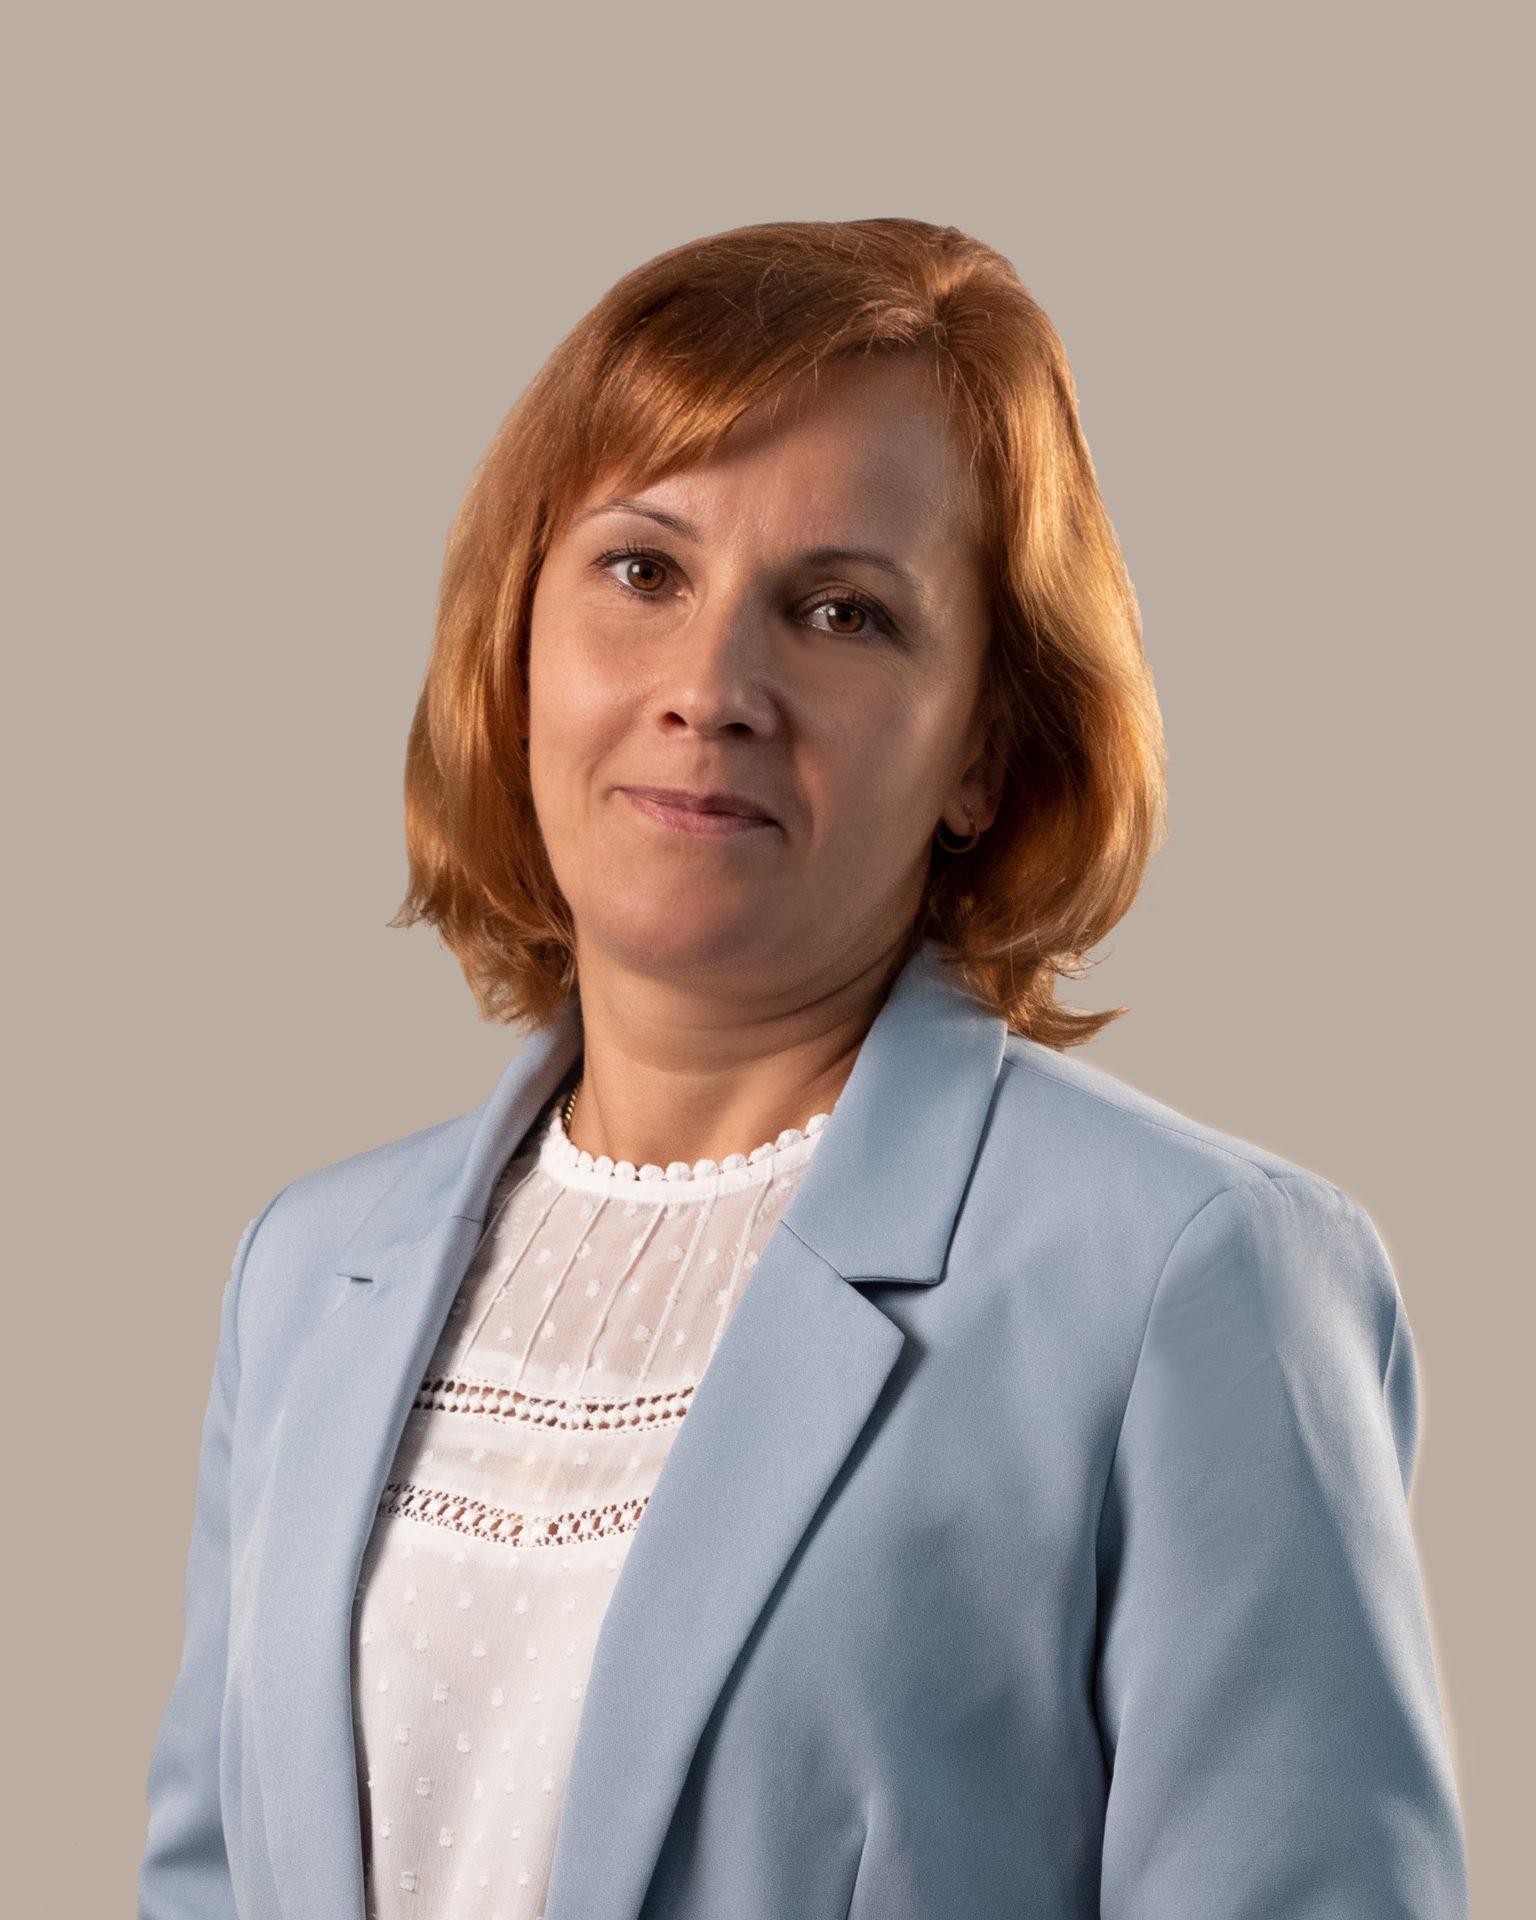 Wioletta Kwaśniewska